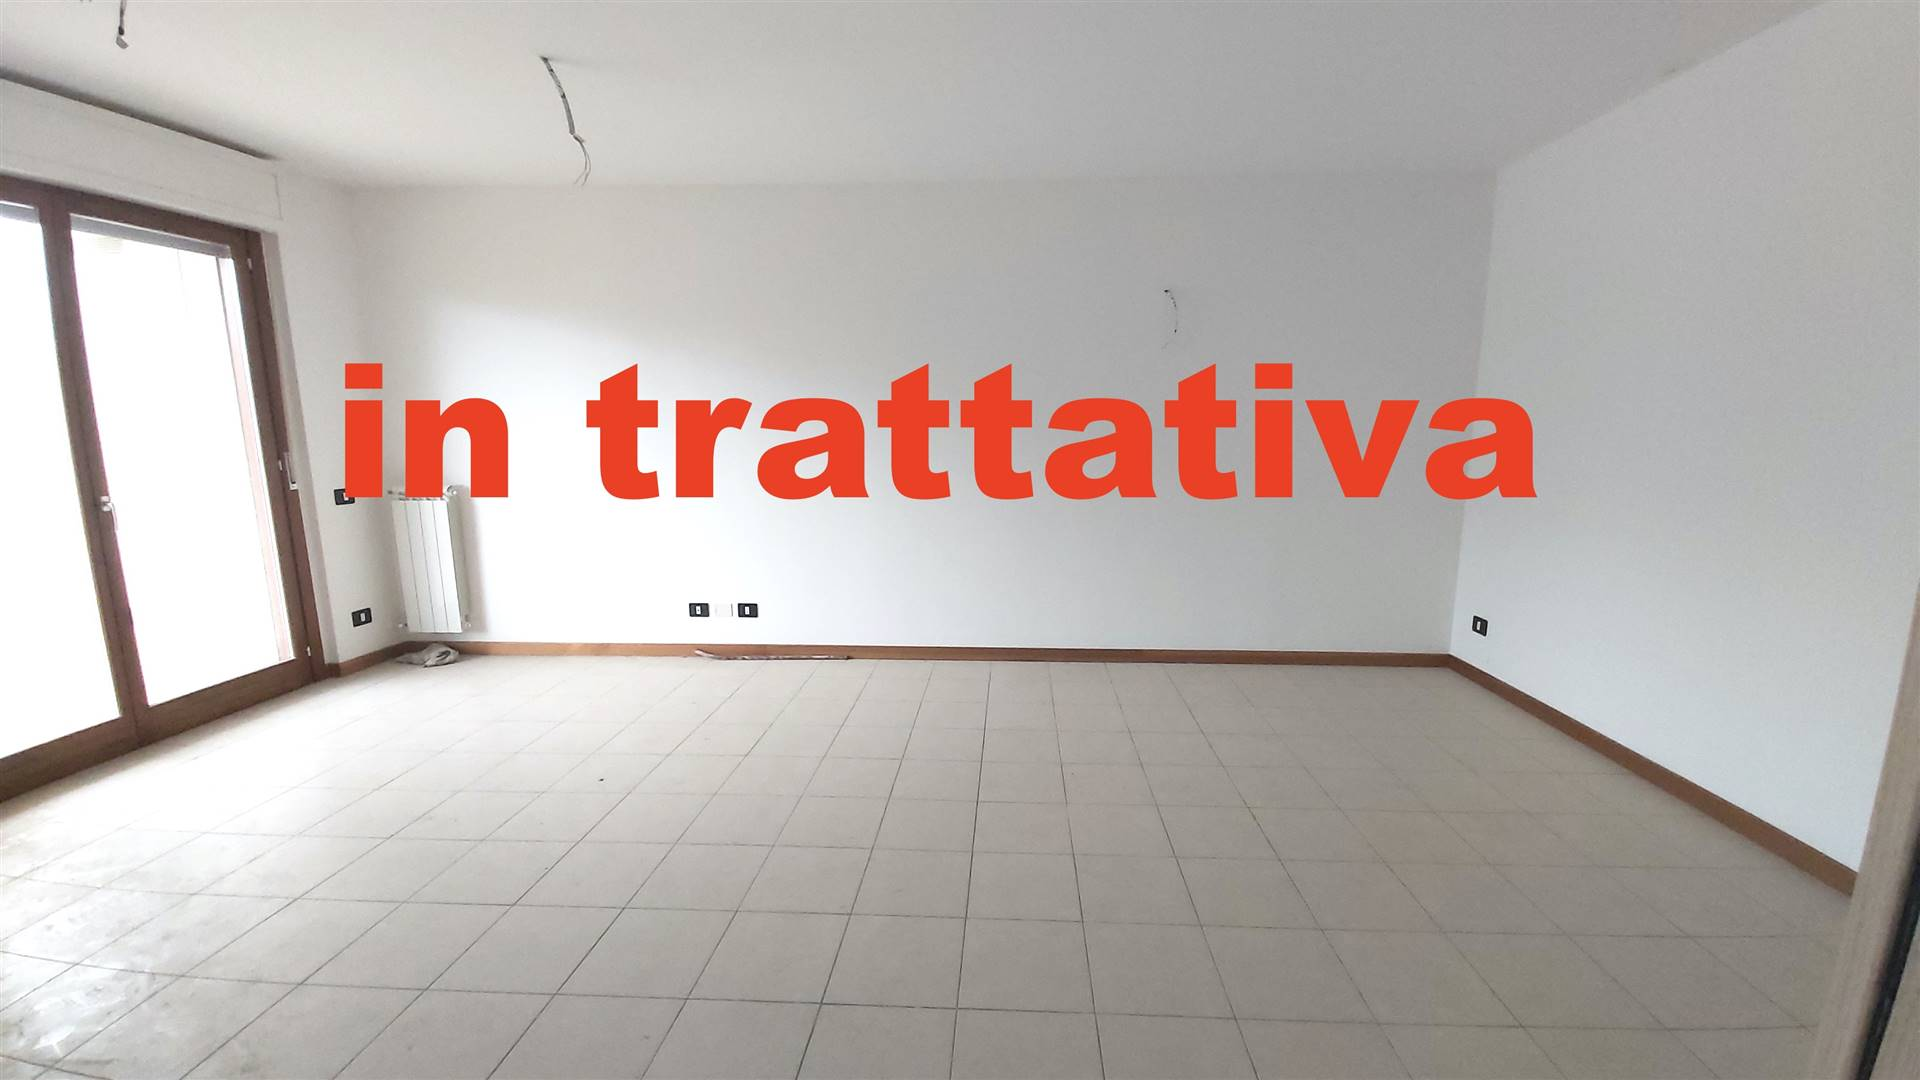 Attico / Mansarda in vendita a Latina, 4 locali, zona Località: LATINAFIORI, prezzo € 224.000 | PortaleAgenzieImmobiliari.it